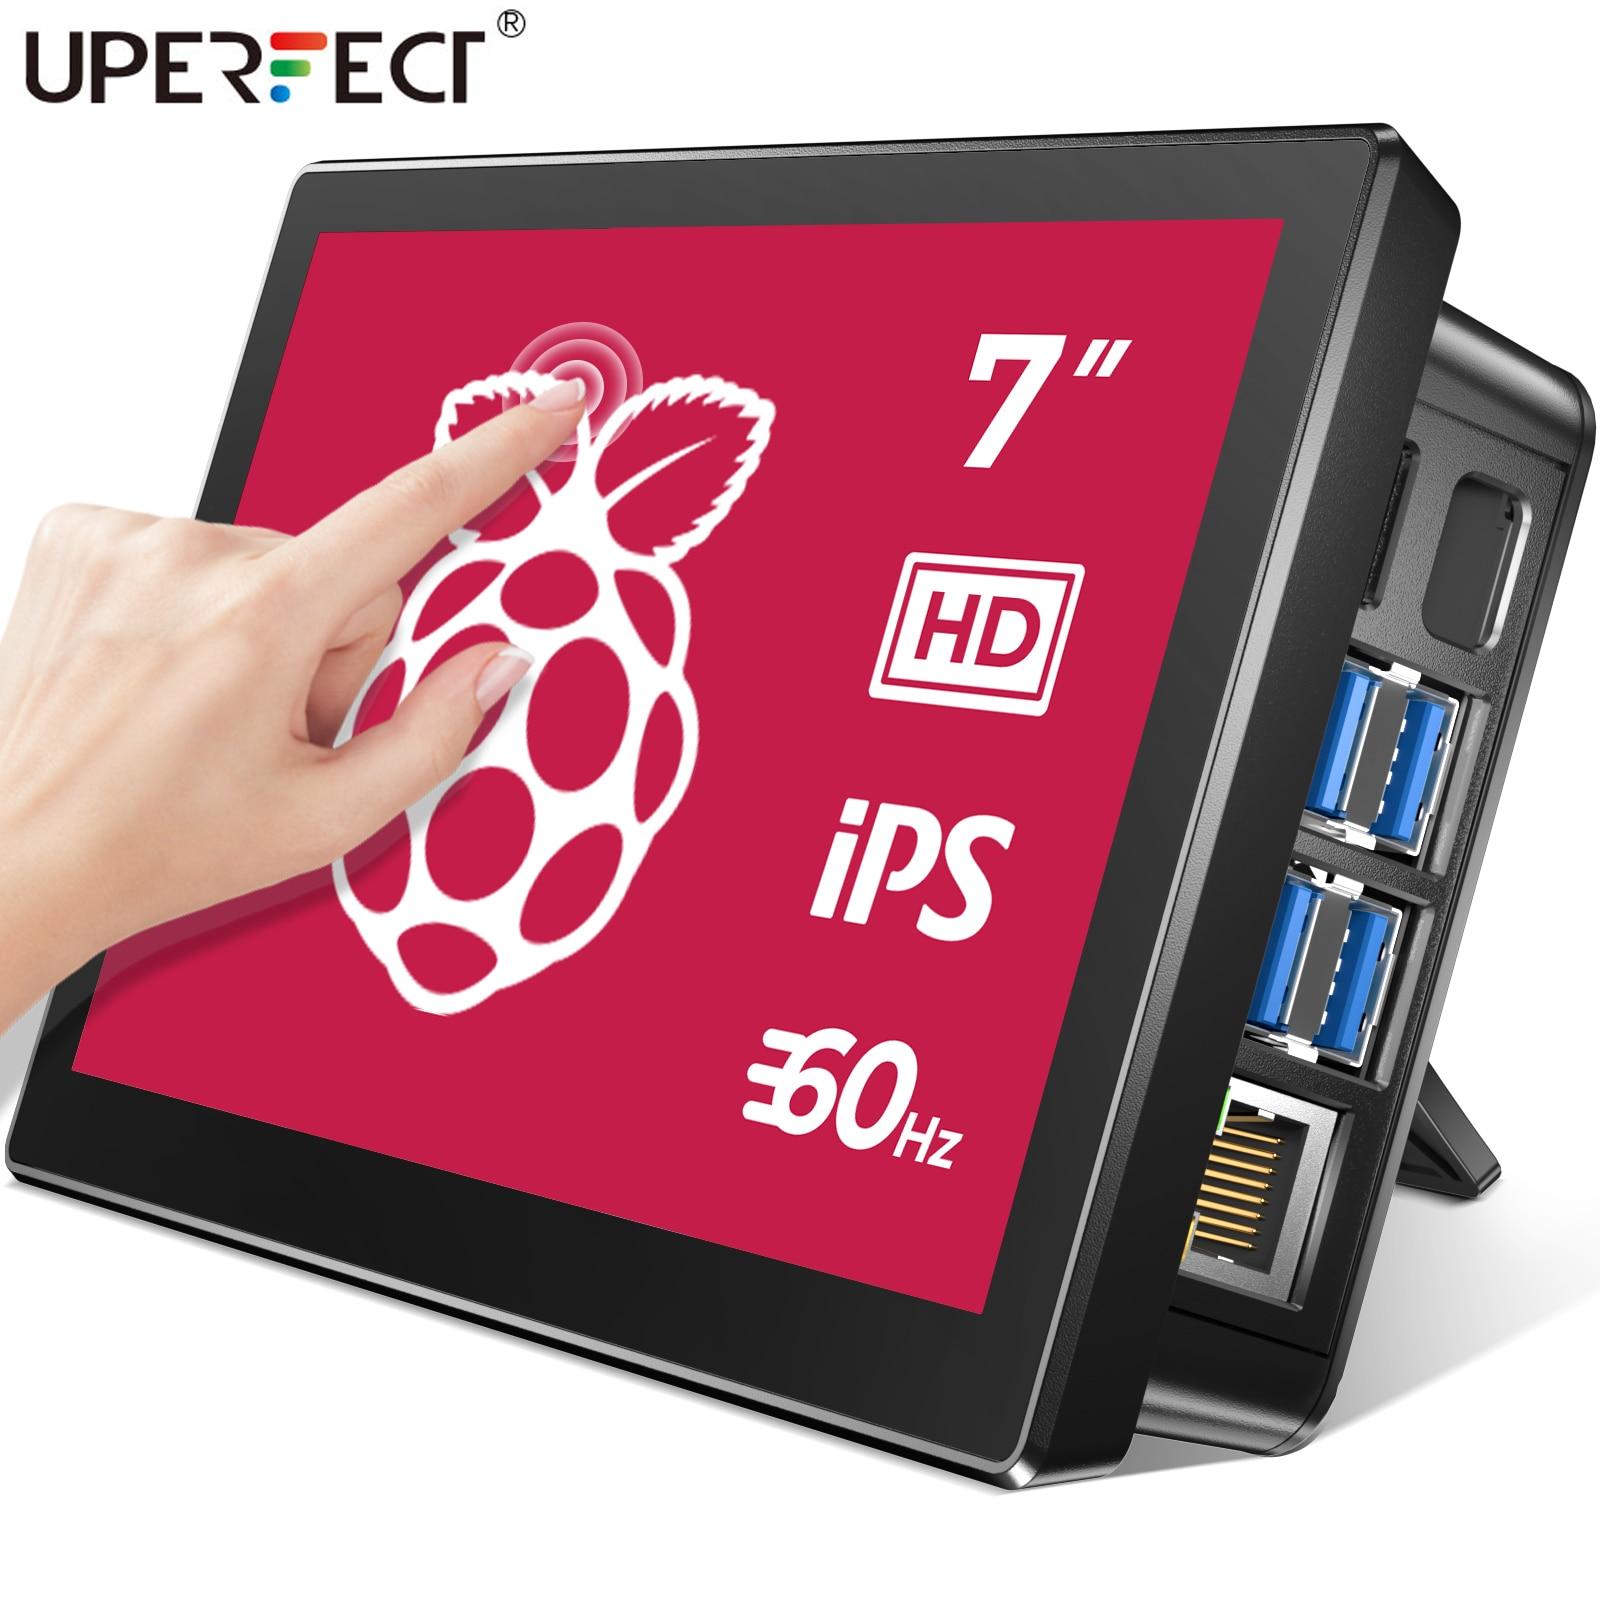 UPERFECT 7 Cal Raspberry Pi 4 ekran dotykowy Raspberry 3 przenośny Monitor RasPi 2 Zero wyświetlacz 1024x600 60Hz ekran dotykowy Raspberri